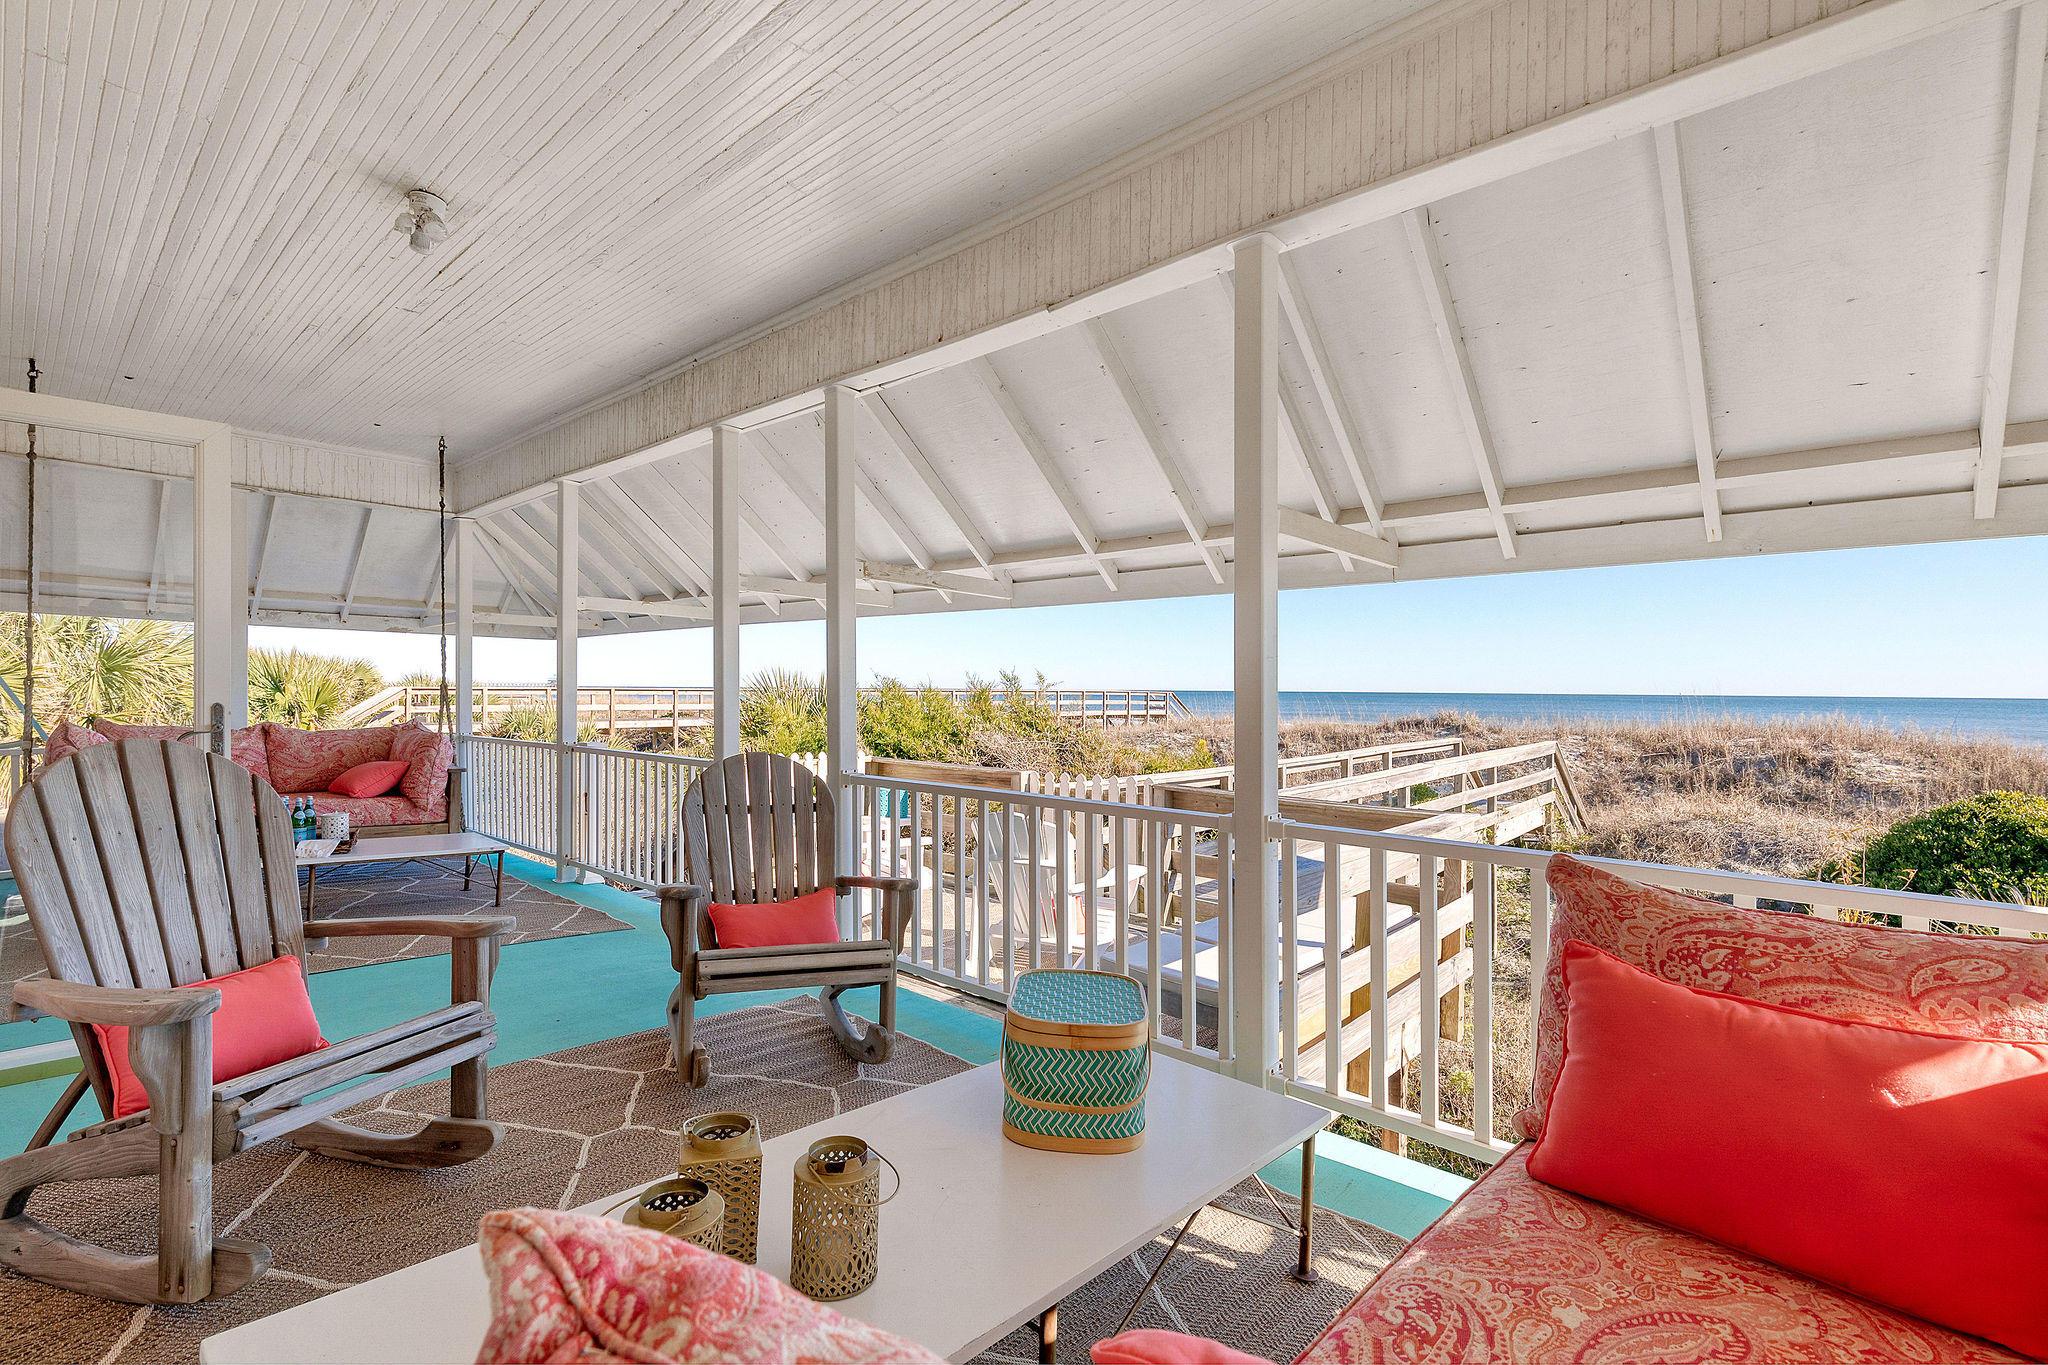 Folly Beach Homes For Sale - 509 Ashley, Folly Beach, SC - 59